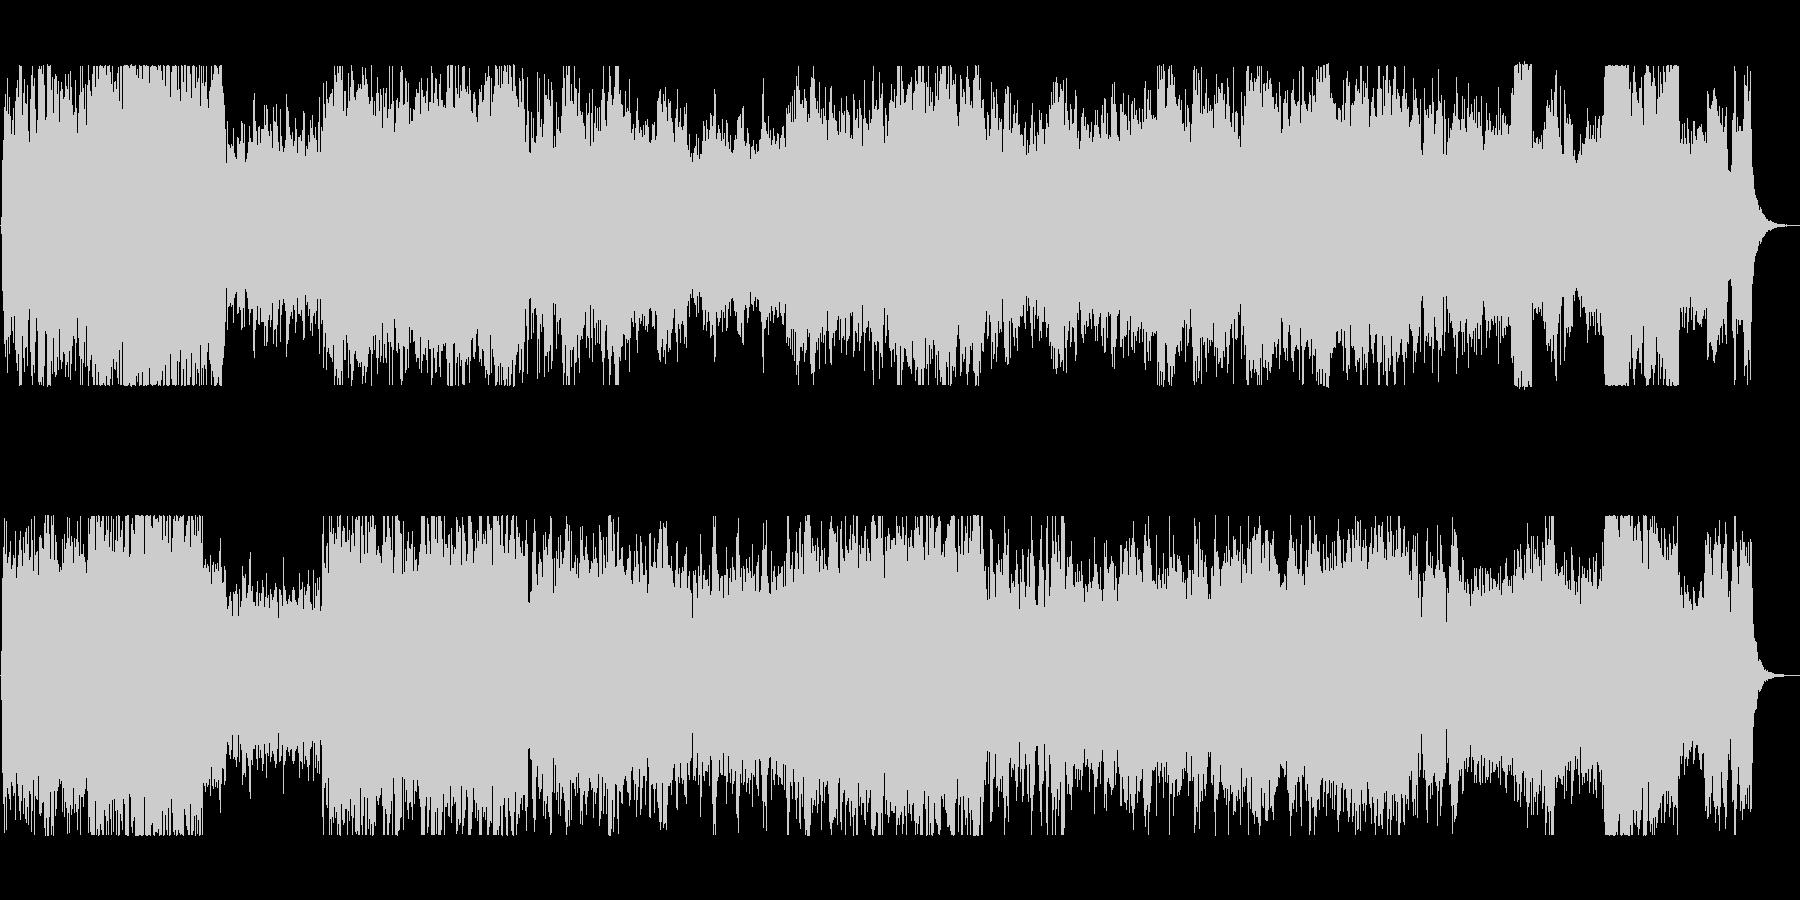 攻撃的なバイオリンが唸るクラシカルBGMの未再生の波形